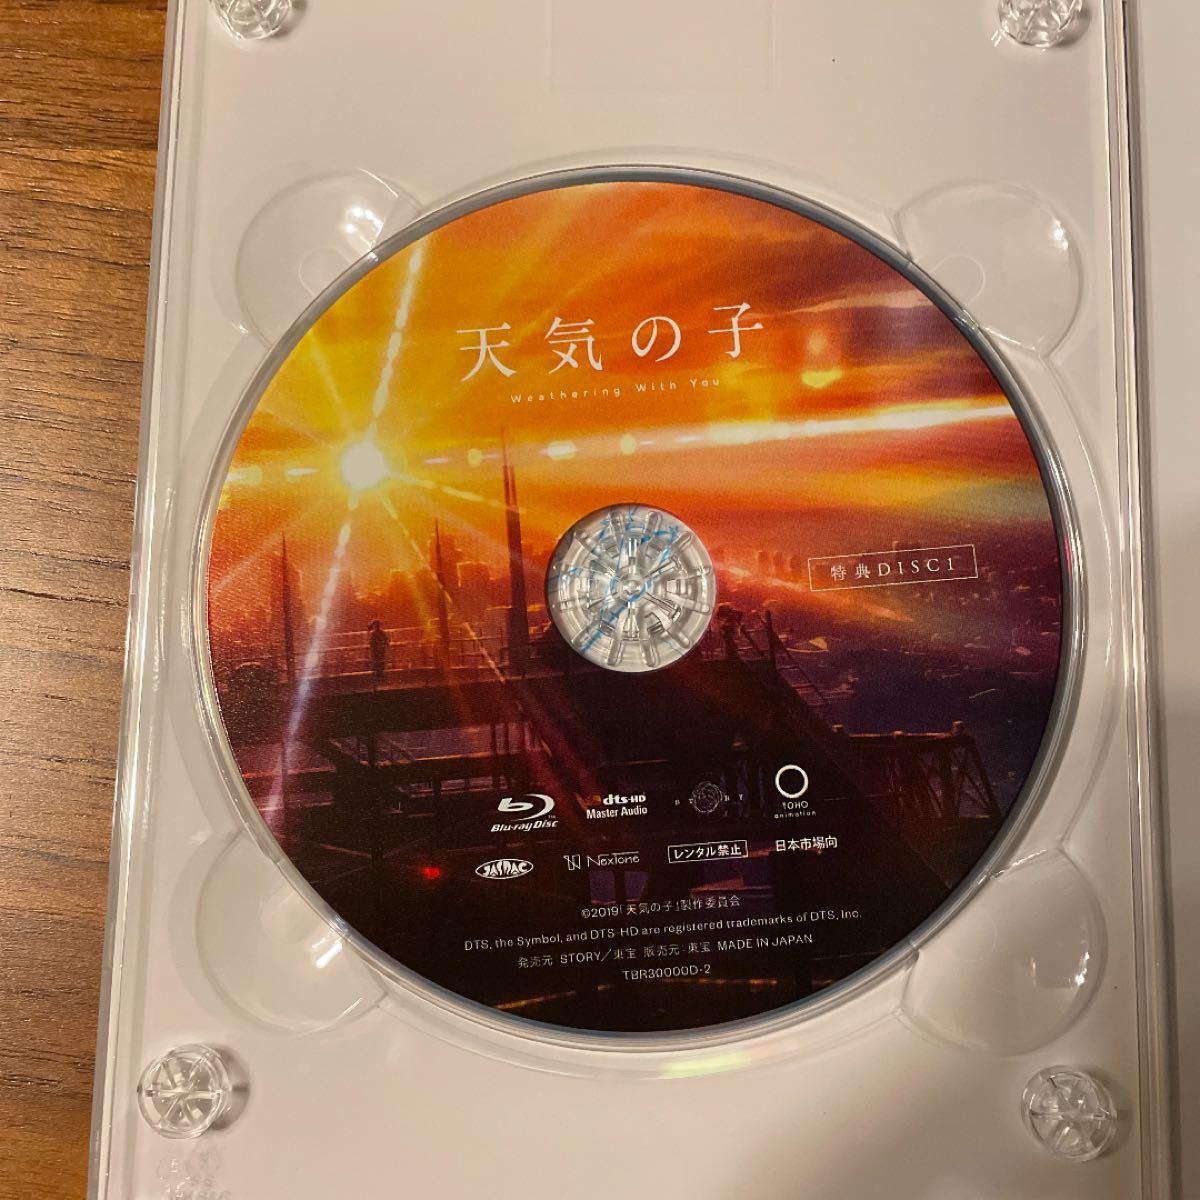 ブルーレイ 天気の子 特典Blu-ray 3枚セット、ブックレット付き